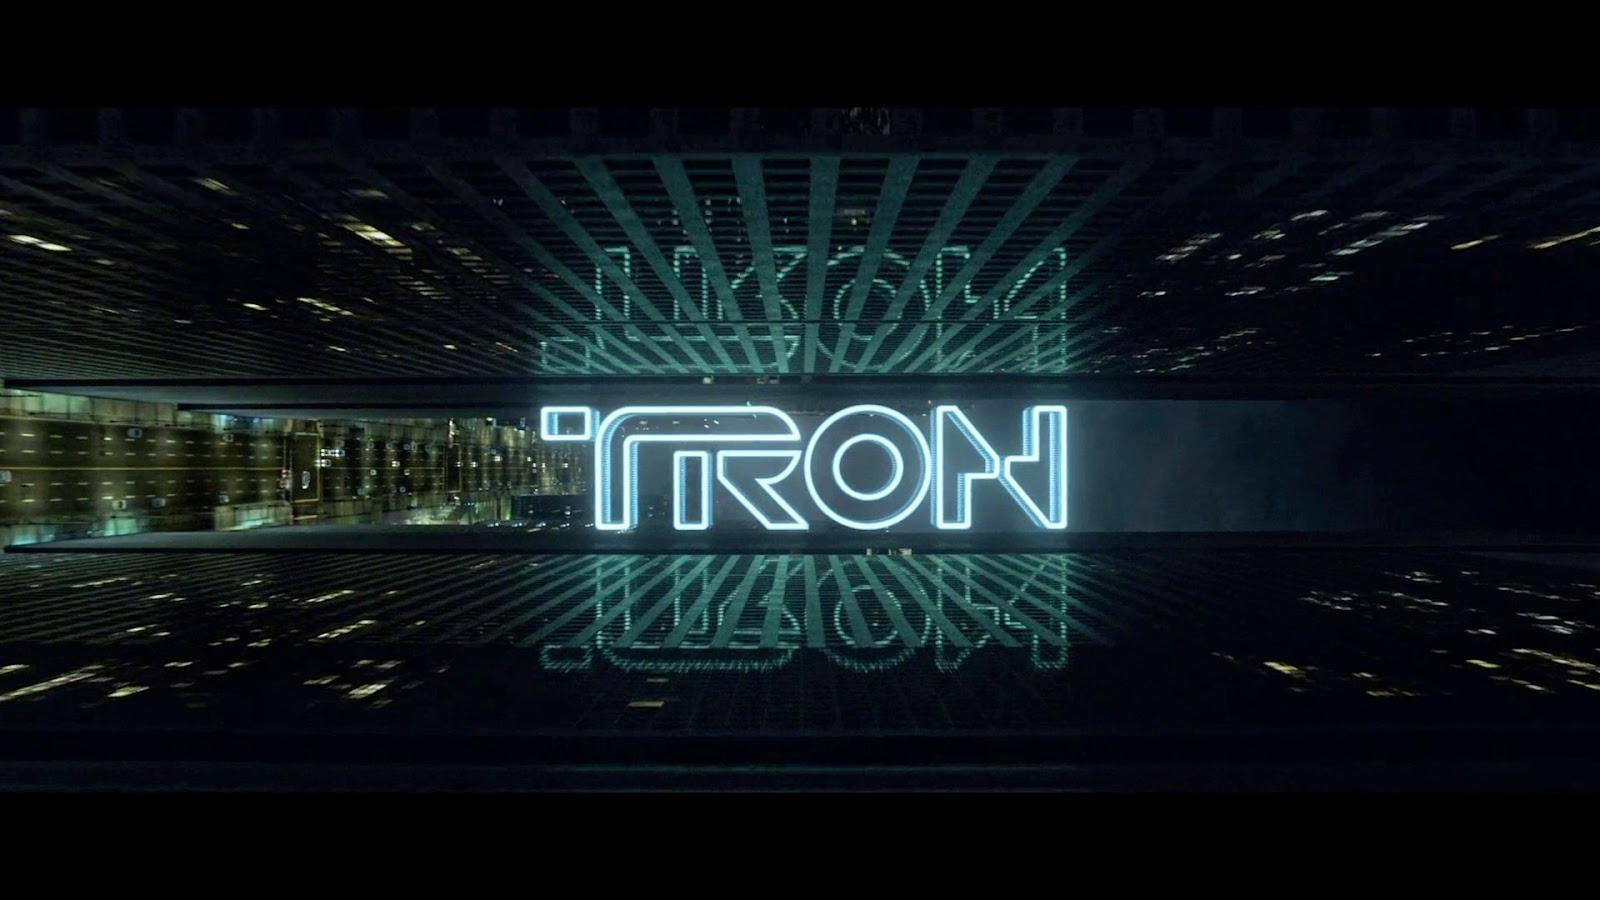 TRON - Legacy (2010) S2 s TRON - Legacy (2010)